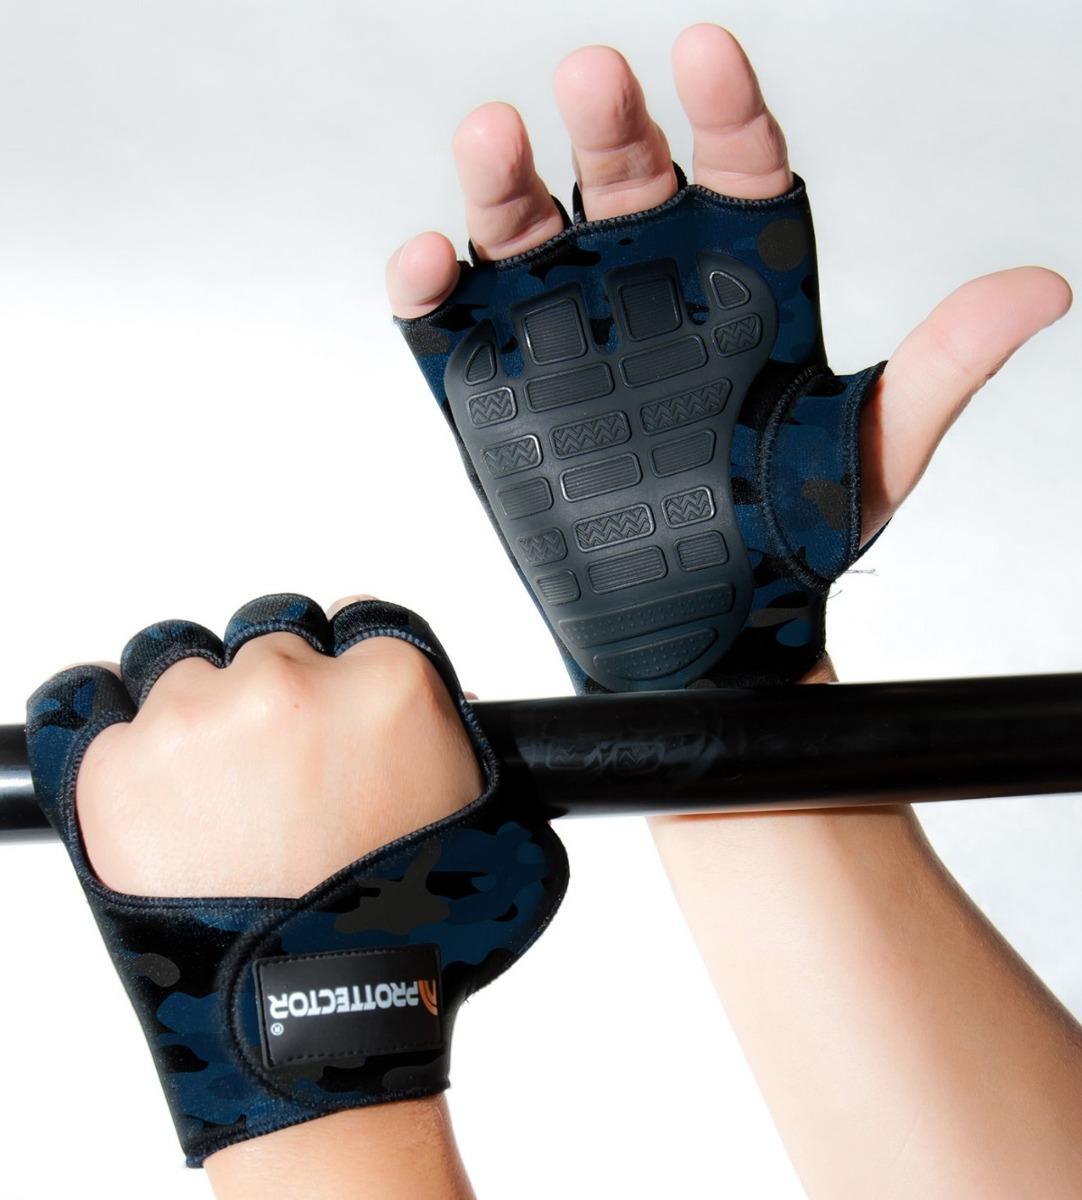 95cefb396 luva de musculação fitness gel - prottector vários tamanhos. Carregando  zoom.